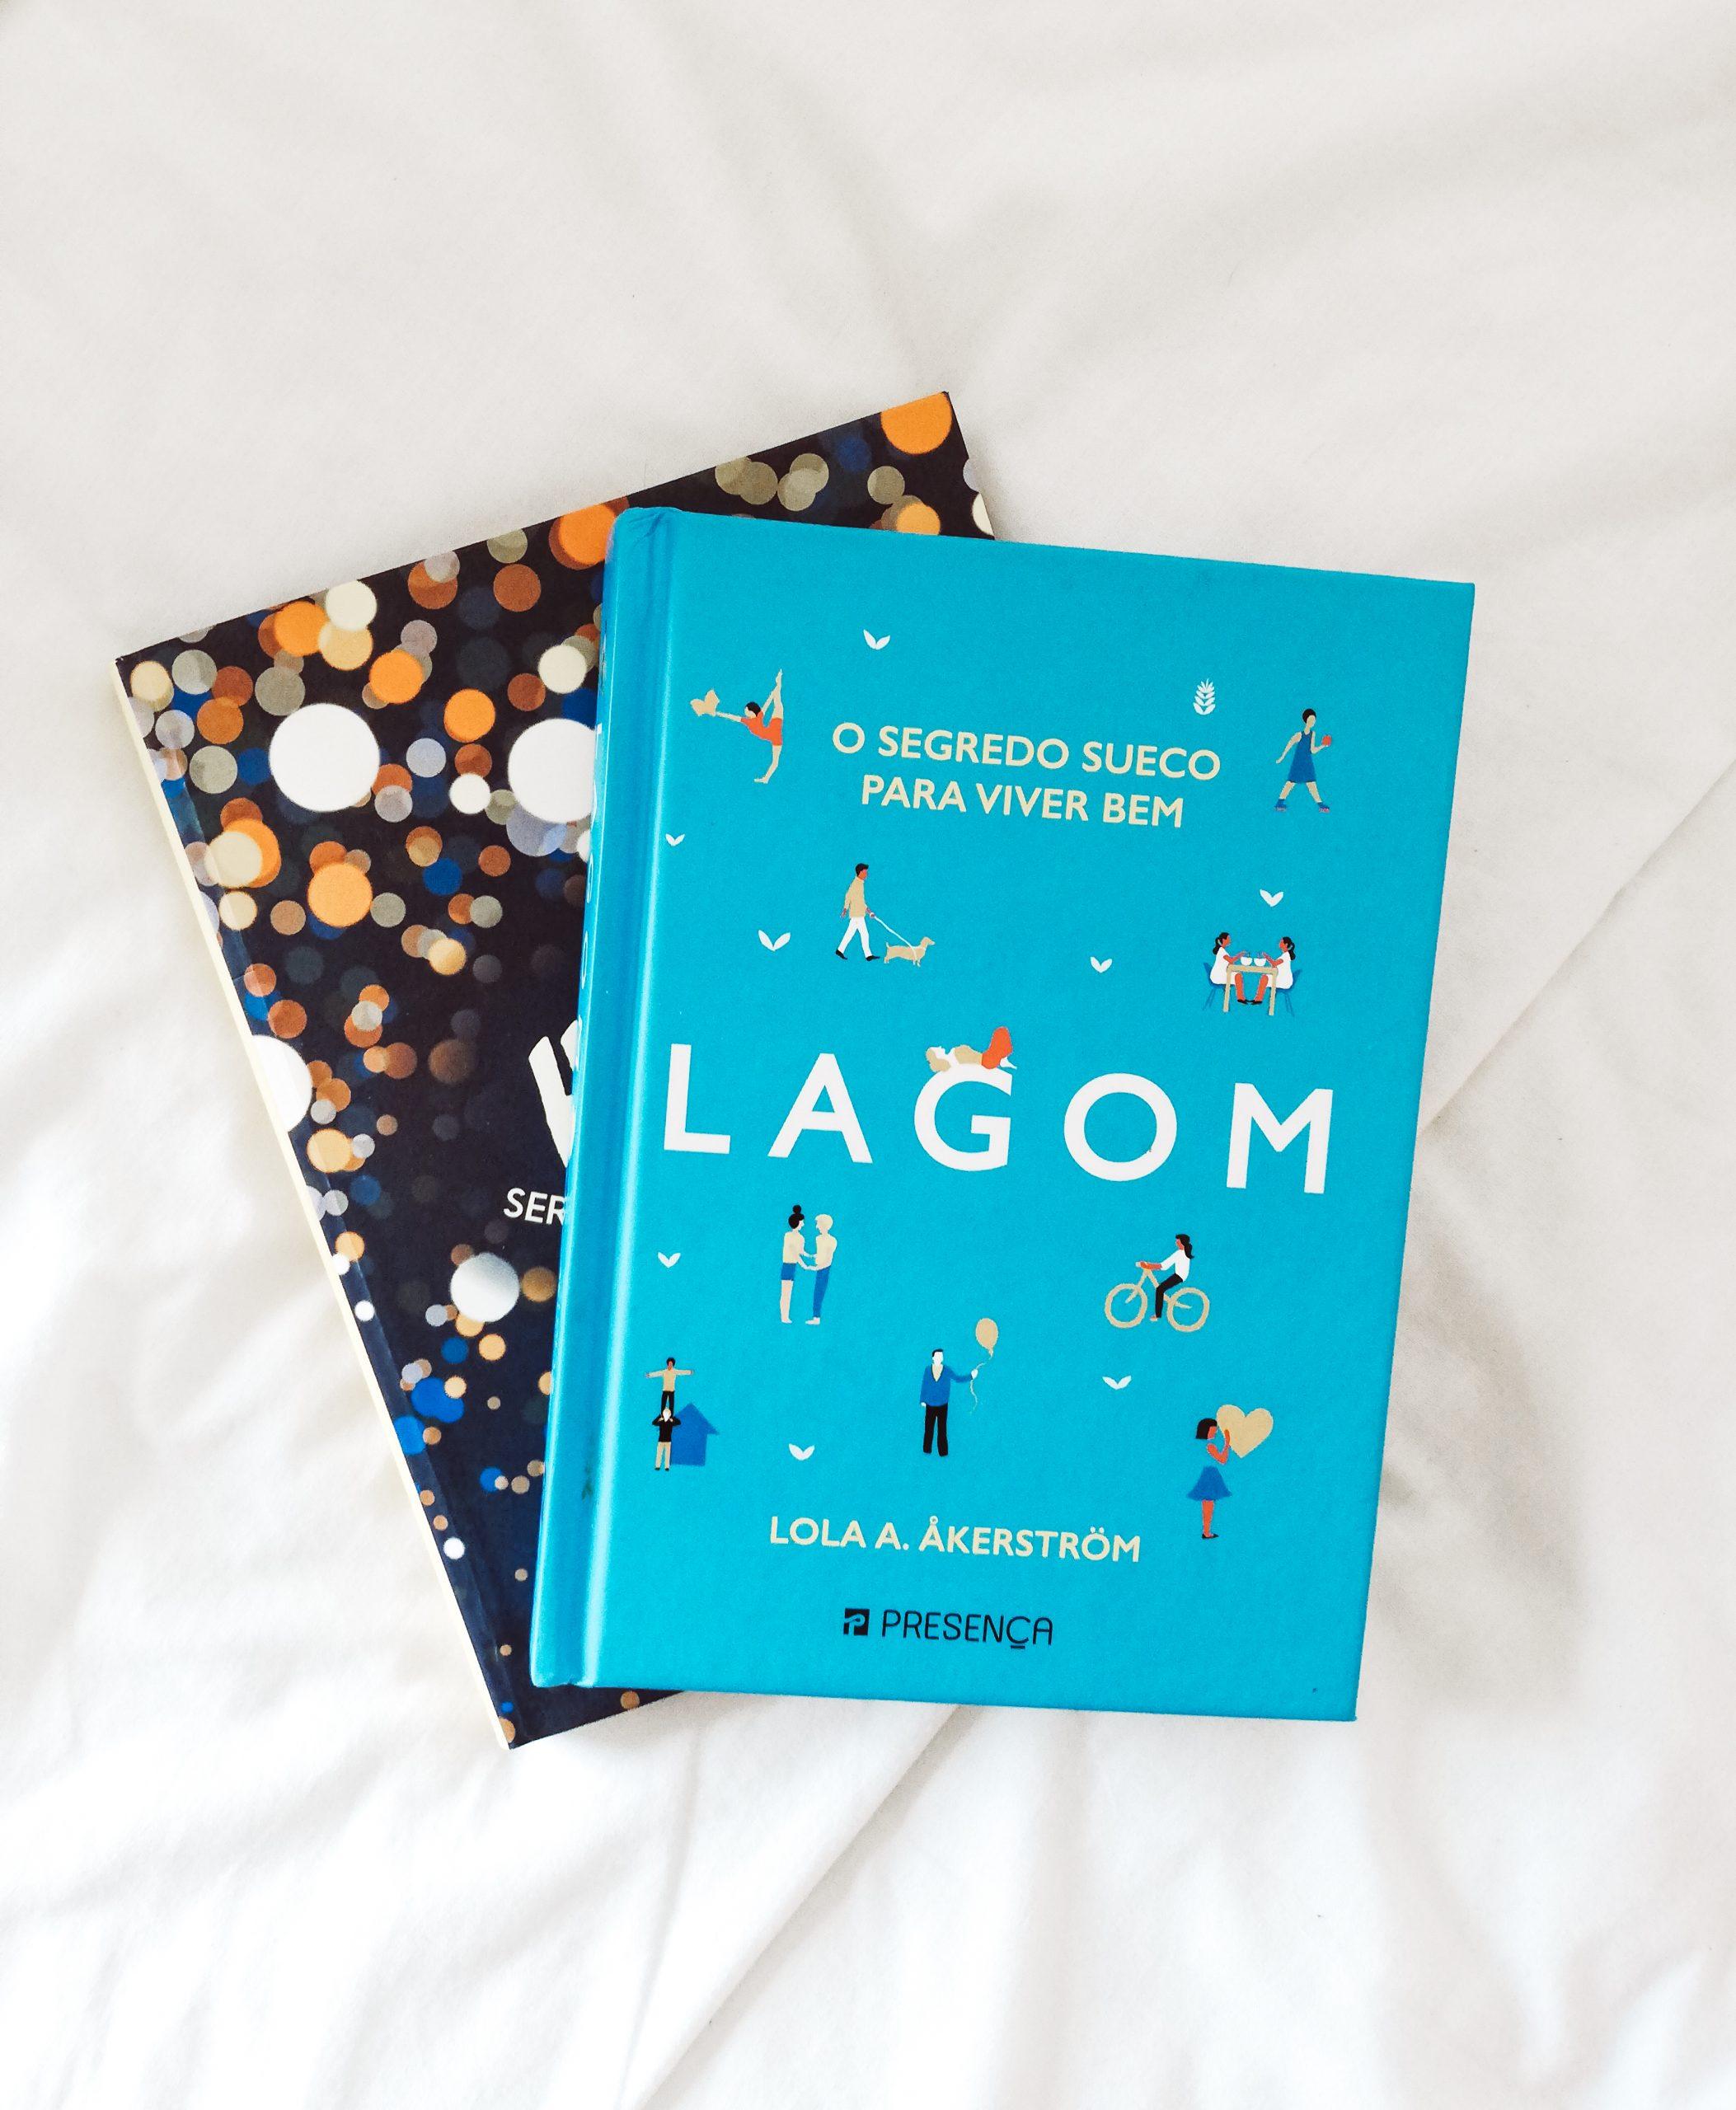 Lagom Lifestyle Meaning